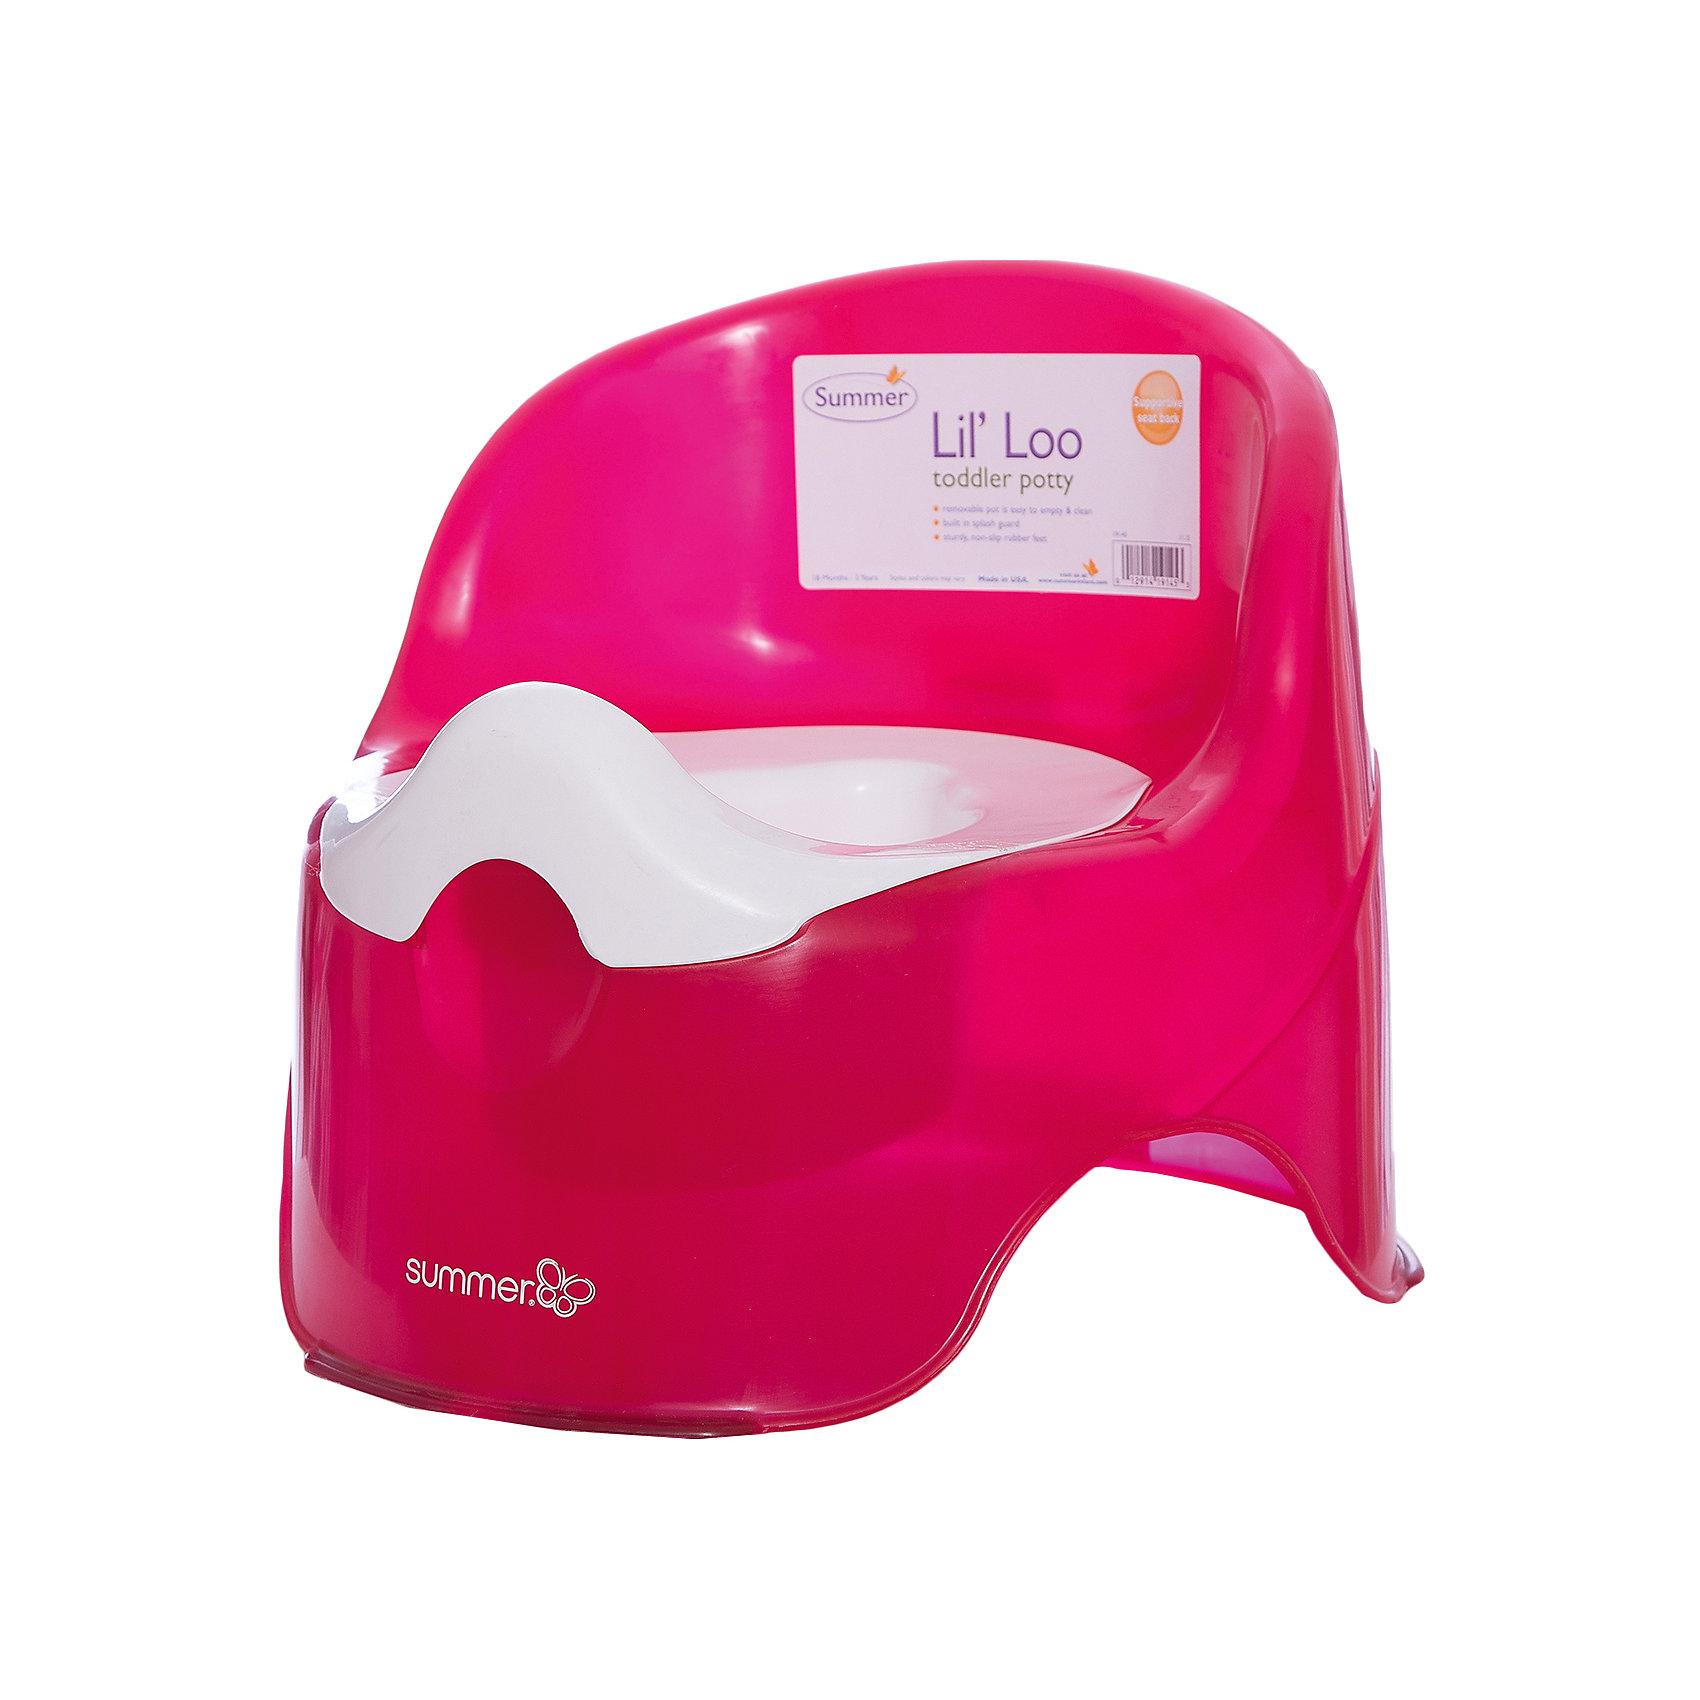 Детский горшок,  Summer Infant, малиновыйИдеальный горшок для того, чтобы приучить ребенка ходить в туалет. Одновременно стильный и удобный. Съемная вкладка позволяет легко очистить горшок, удобная высокая спинка обеспечивает комфорт, специальная конструкция защищает от разбрызгивания. Изготовлен из прочных высококачественных материалов безопасных для детей. <br><br>Дополнительная информация:<br><br>- Материал: пластик.<br>- Размер: 35,5х35,5х30,5 см.<br>- Цвет: малиновый.<br>- Съемная вкладка.<br>- Высокая спинка.<br>- Защита от разбрызгивания. <br><br>Детский горшок, Summer Infant, малиновый, можно купить в нашем магазине.<br><br>Ширина мм: 476<br>Глубина мм: 368<br>Высота мм: 360<br>Вес г: 980<br>Возраст от месяцев: 6<br>Возраст до месяцев: 60<br>Пол: Женский<br>Возраст: Детский<br>SKU: 4047535